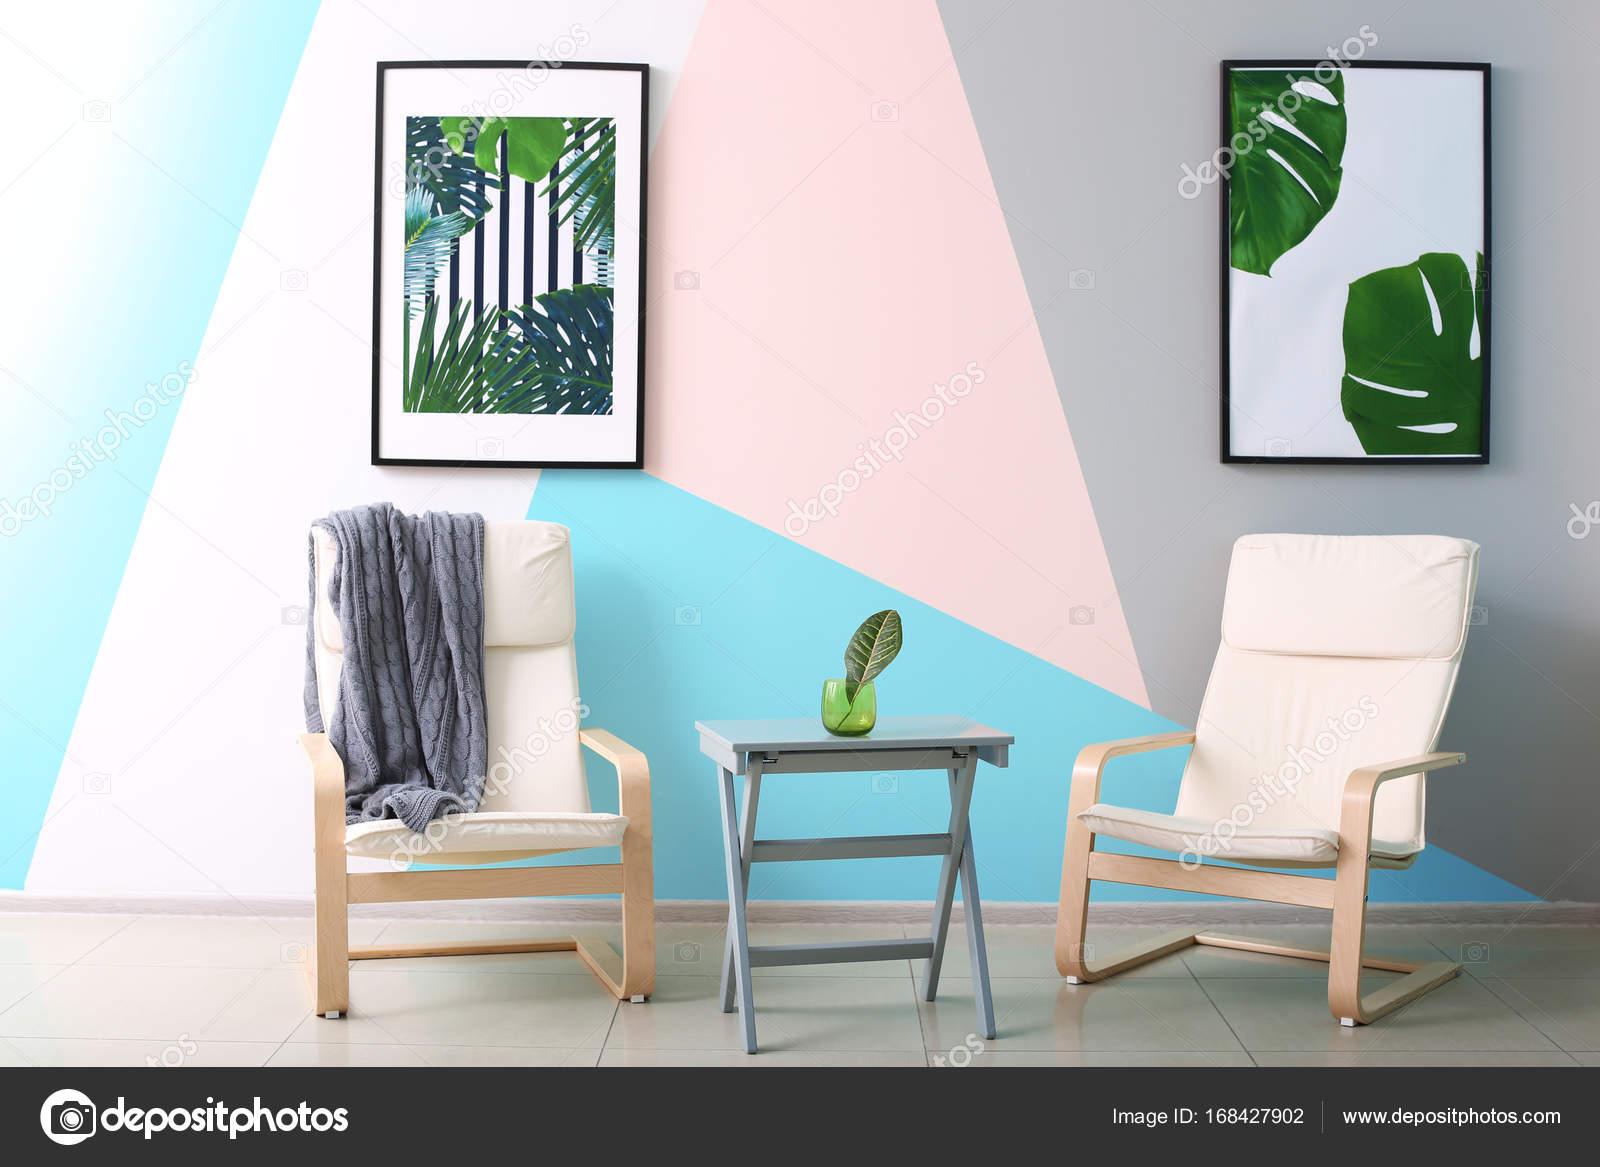 Moderne Raumgestaltung Mit Gerahmten Bildern Aus Tropischen Blättern Und  Zwei Stühle U2014 Stockfoto